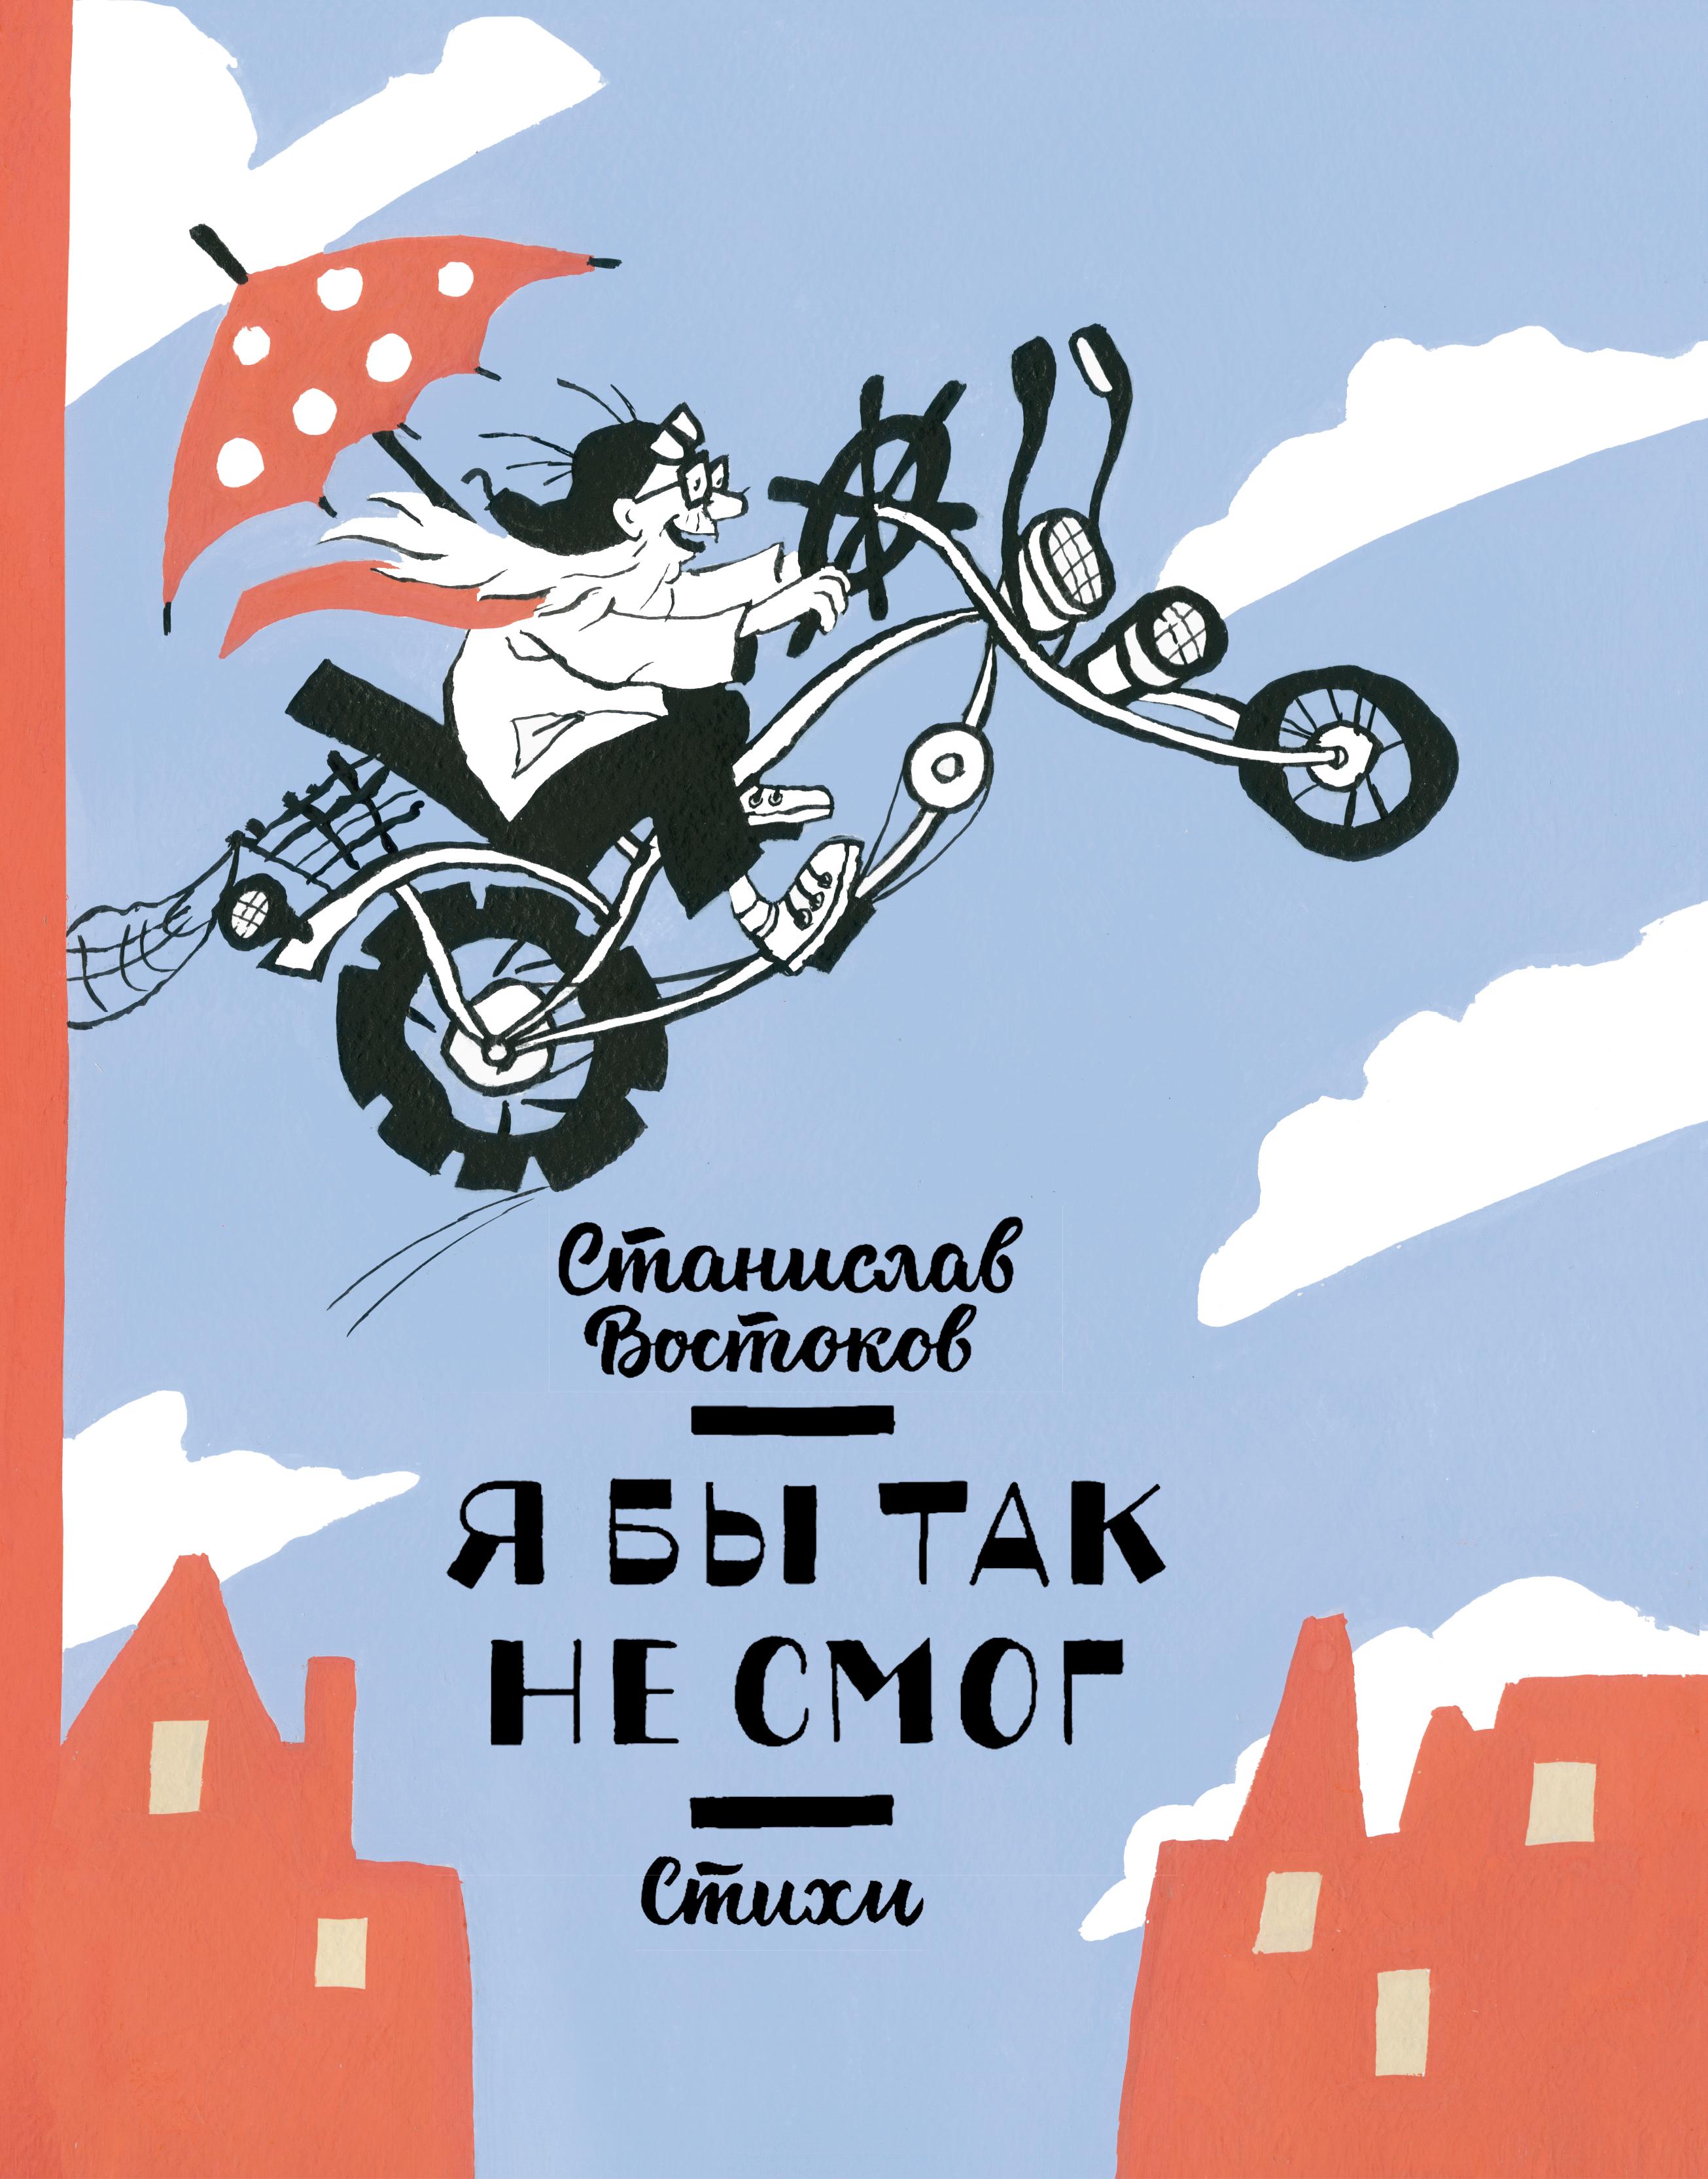 Купить Я бы так не смог! Стихи, Станислав Востоков, 978-5-00057-944-2